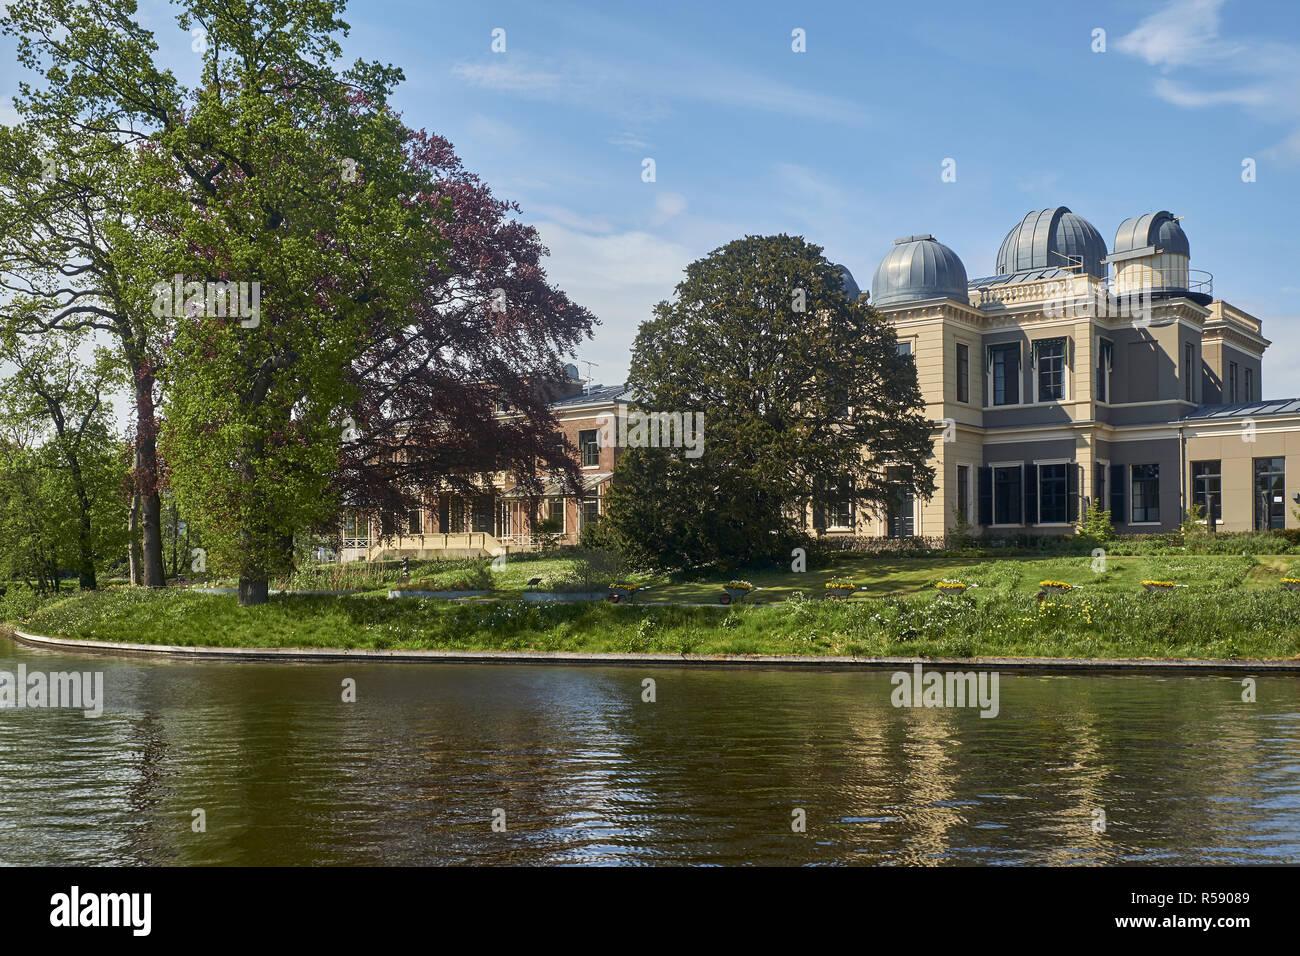 Ancien observatoire astronomique, Oude Sterrewacht Leiden, Hollande méridionale, Pays-Bas Banque D'Images